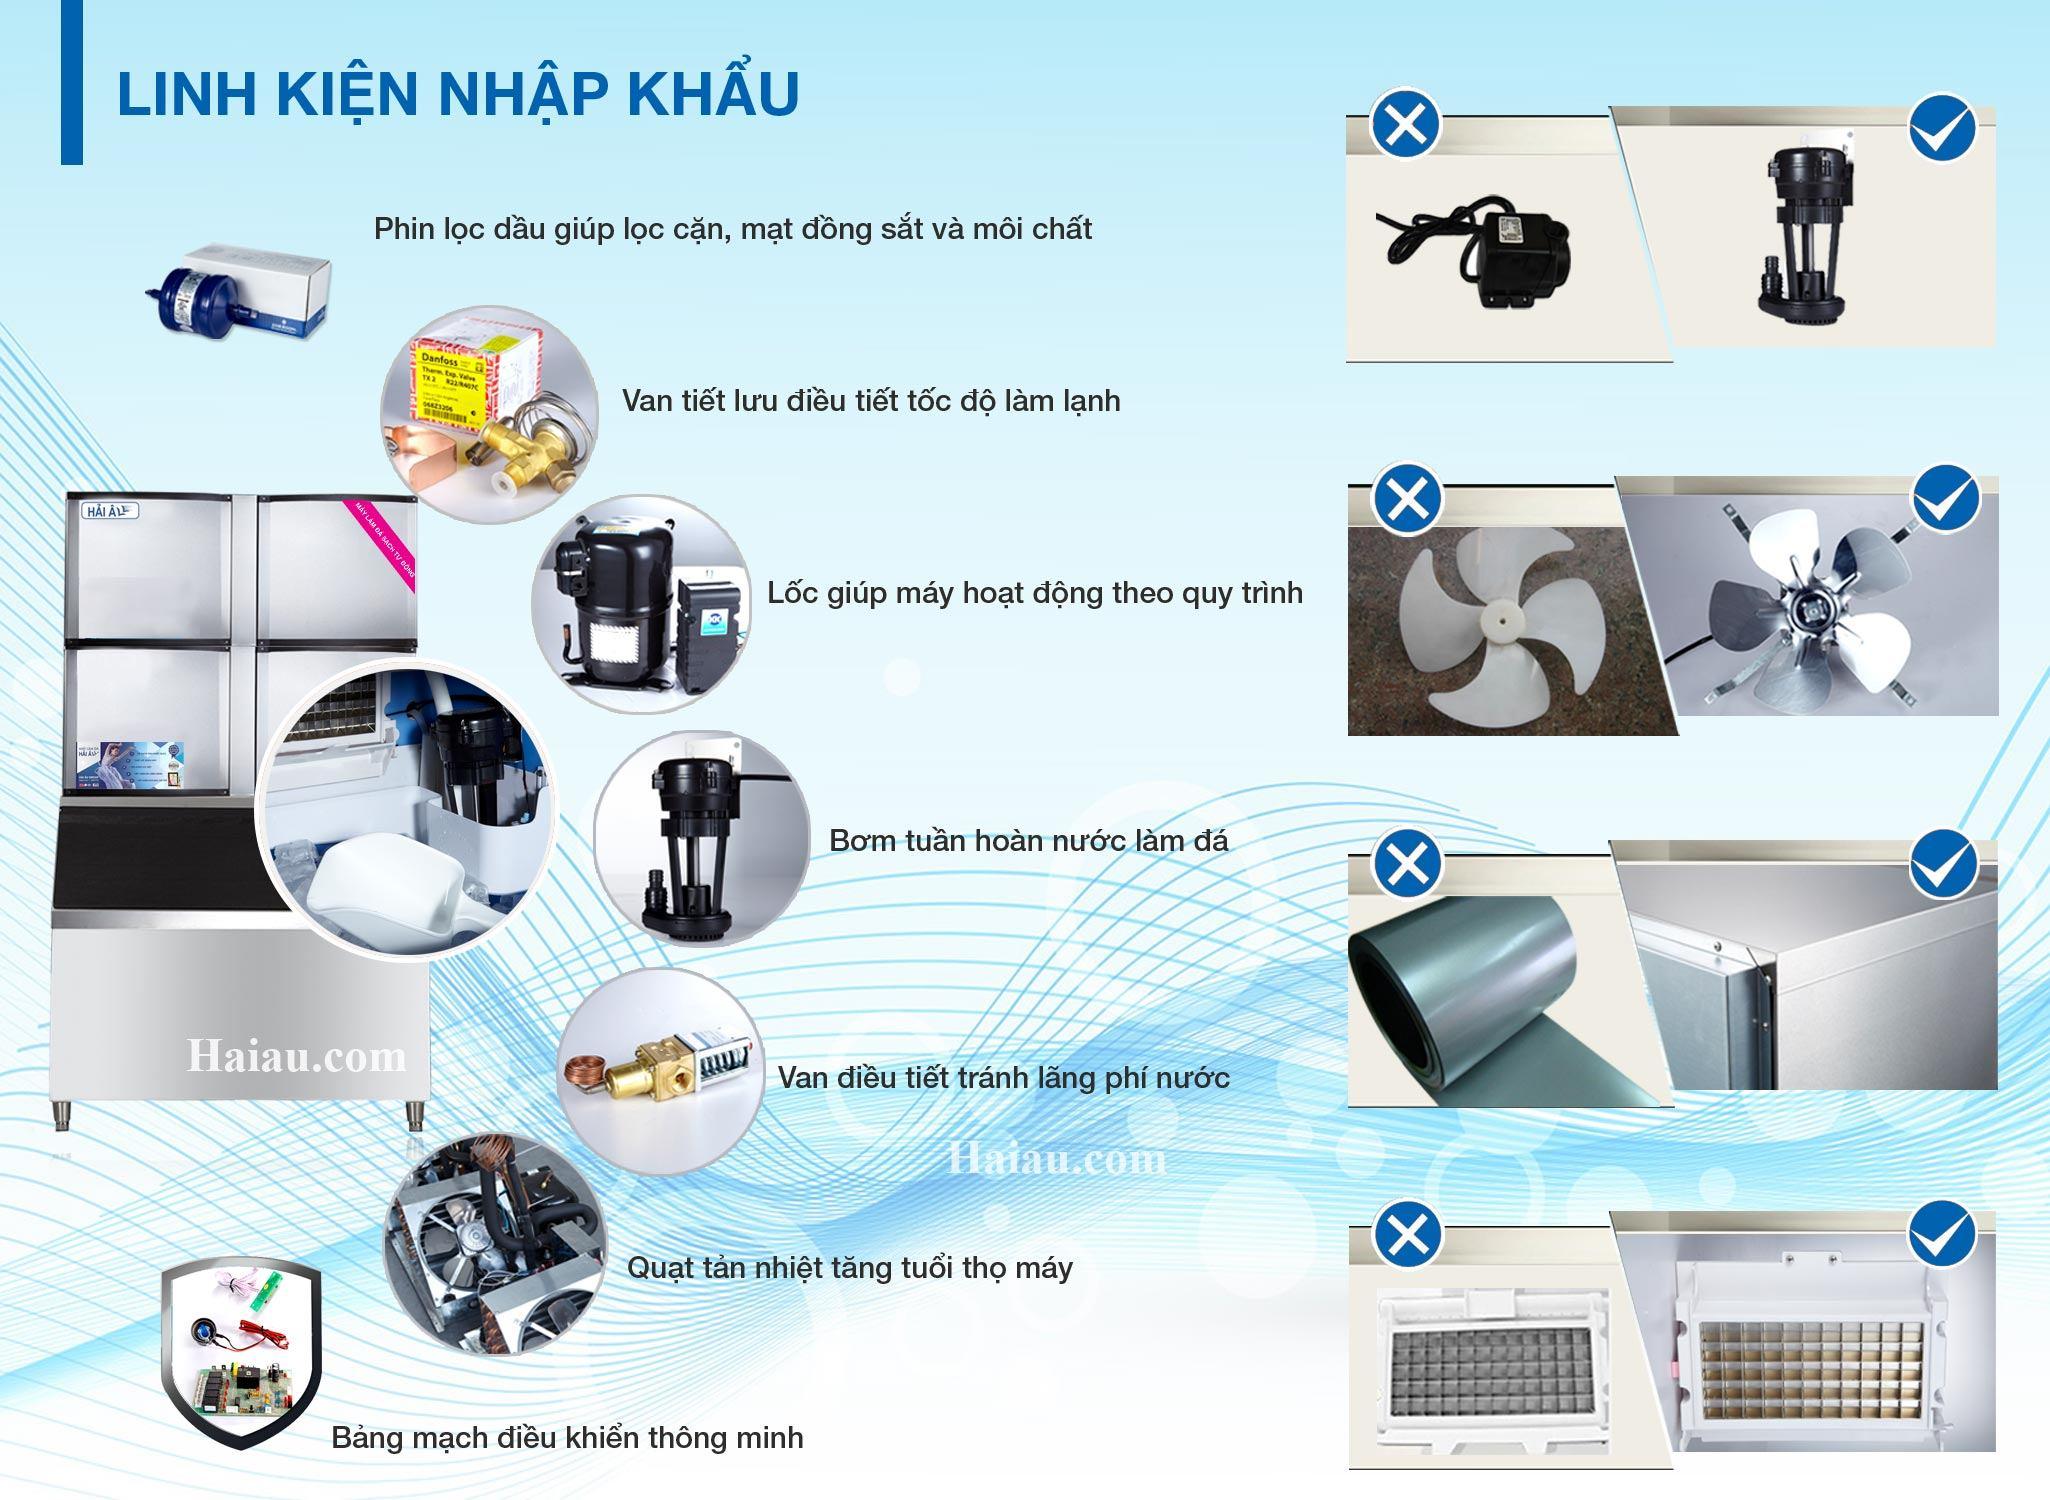 thiết kế linh kiện máy làm đá ha1800